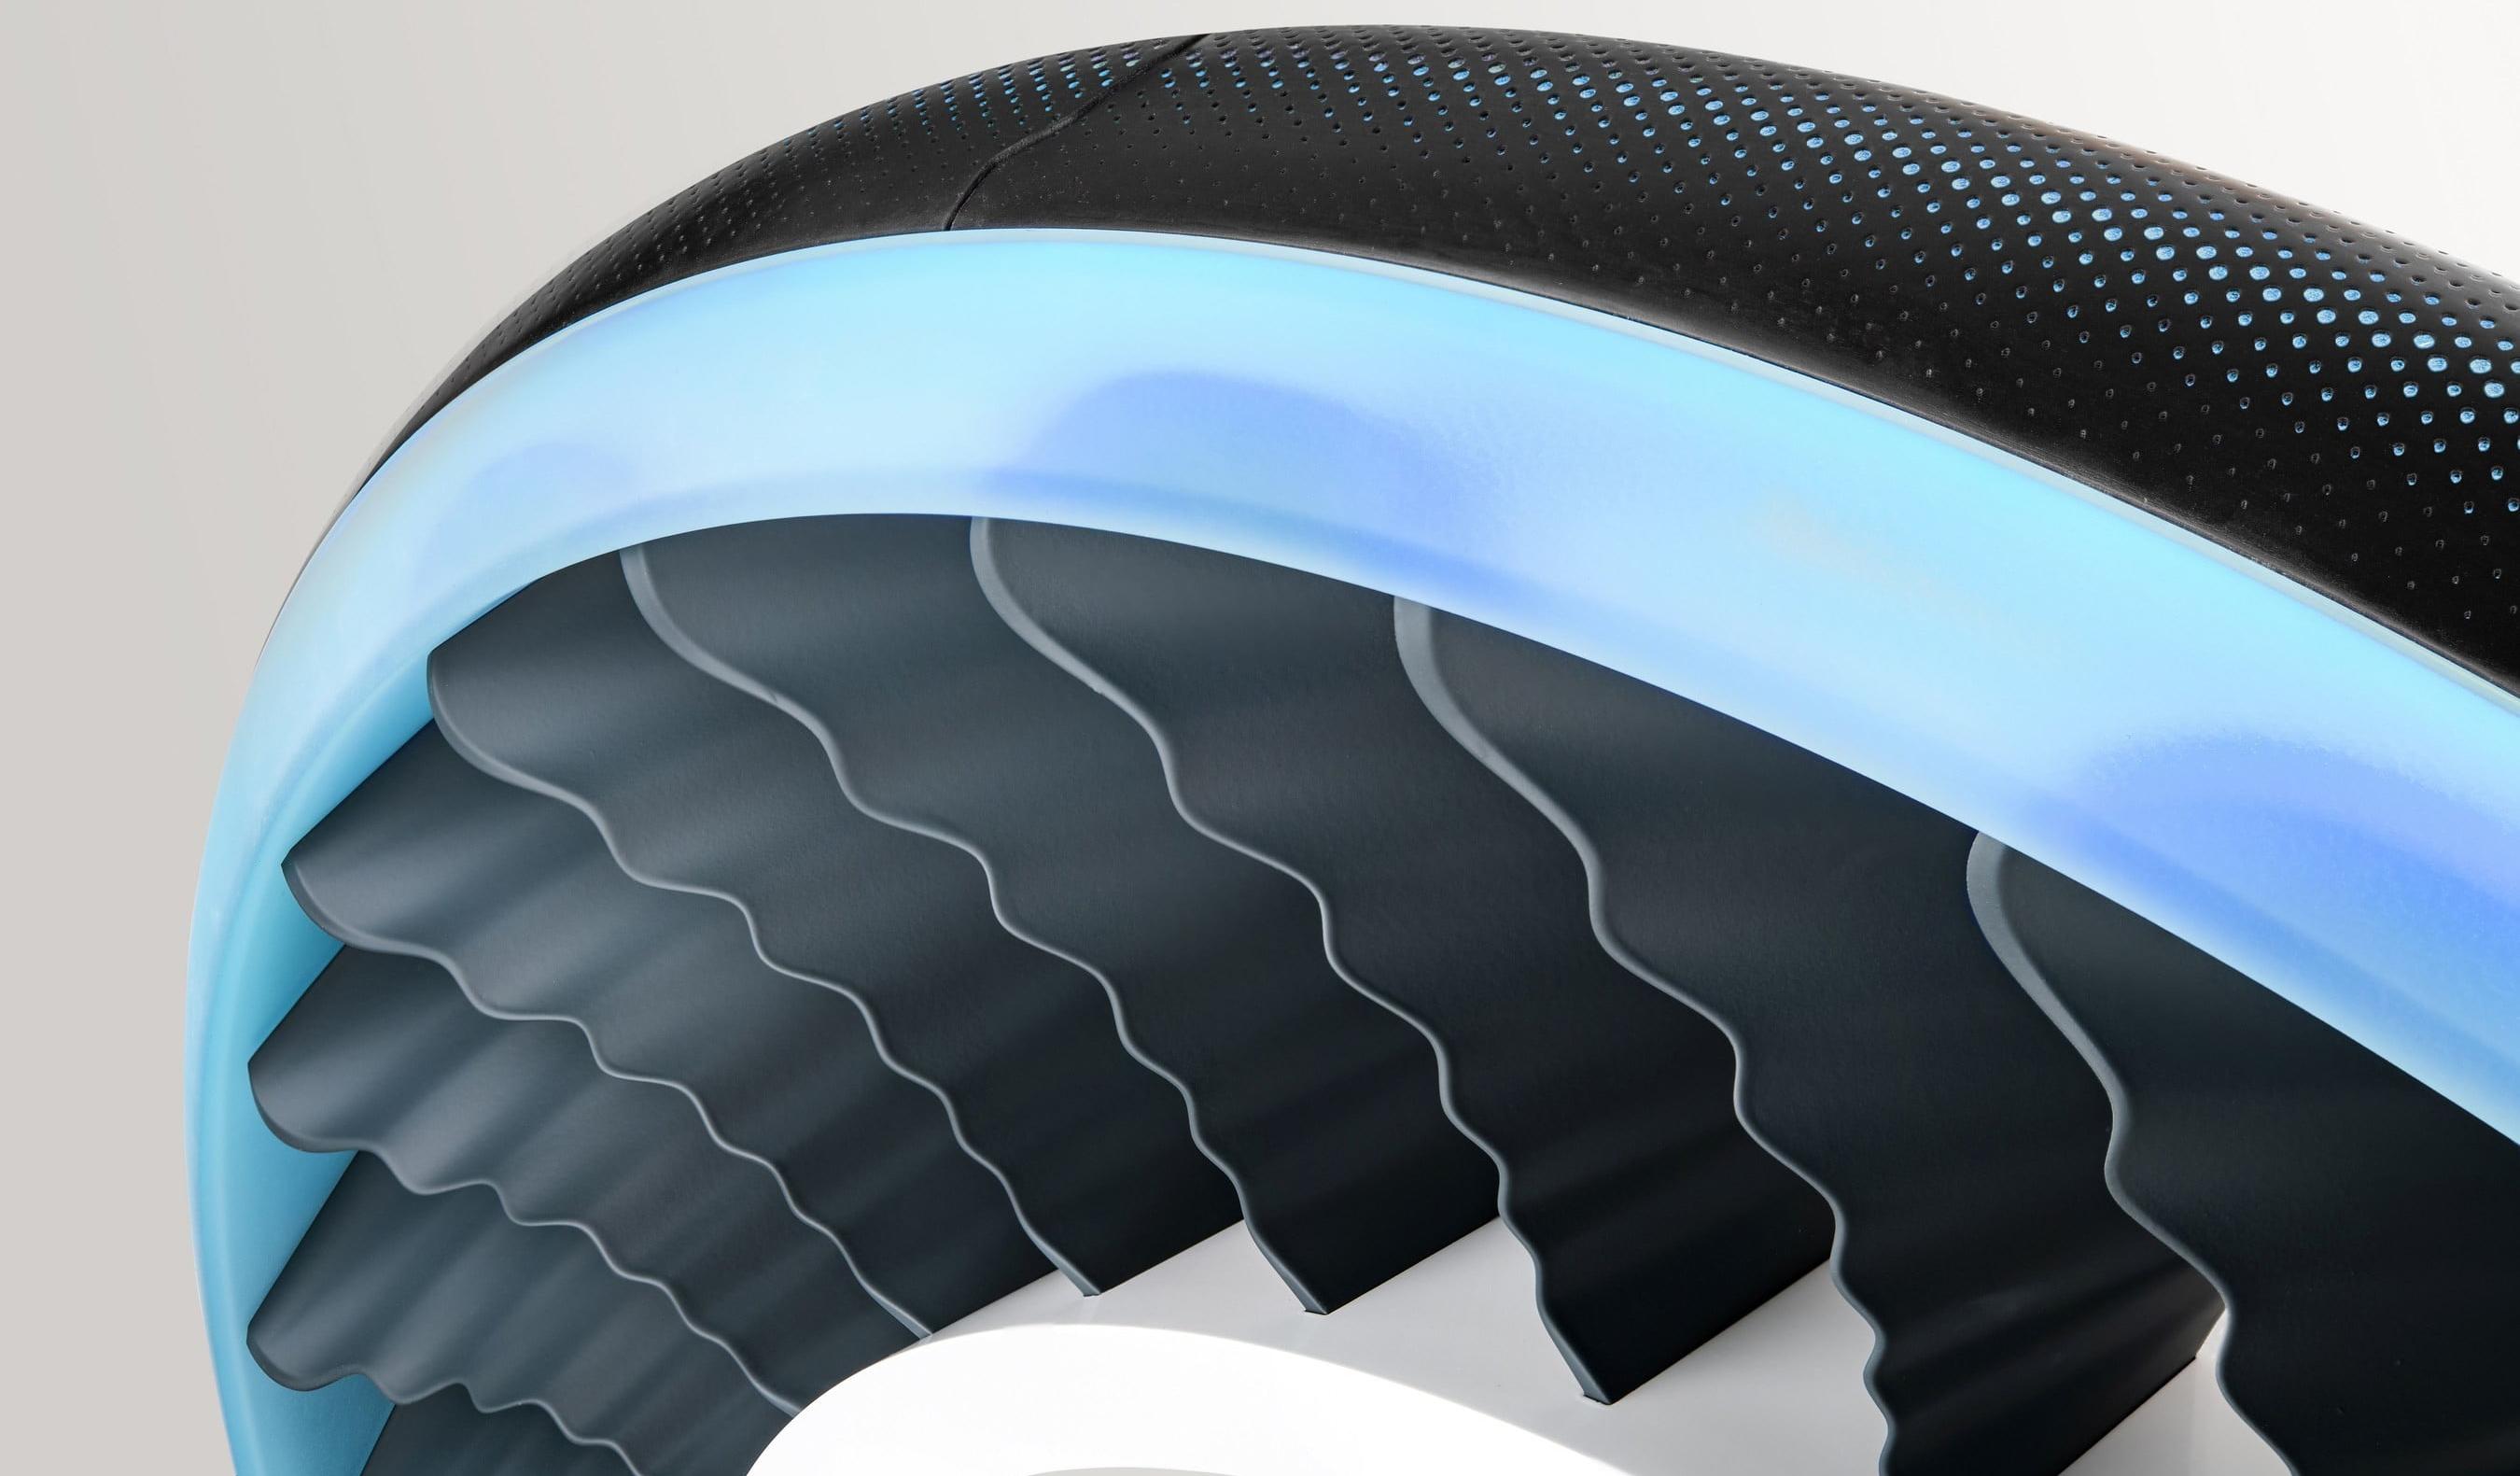 Представлены колеса, выполняющие функцию пропеллеров для летающих автомобилей